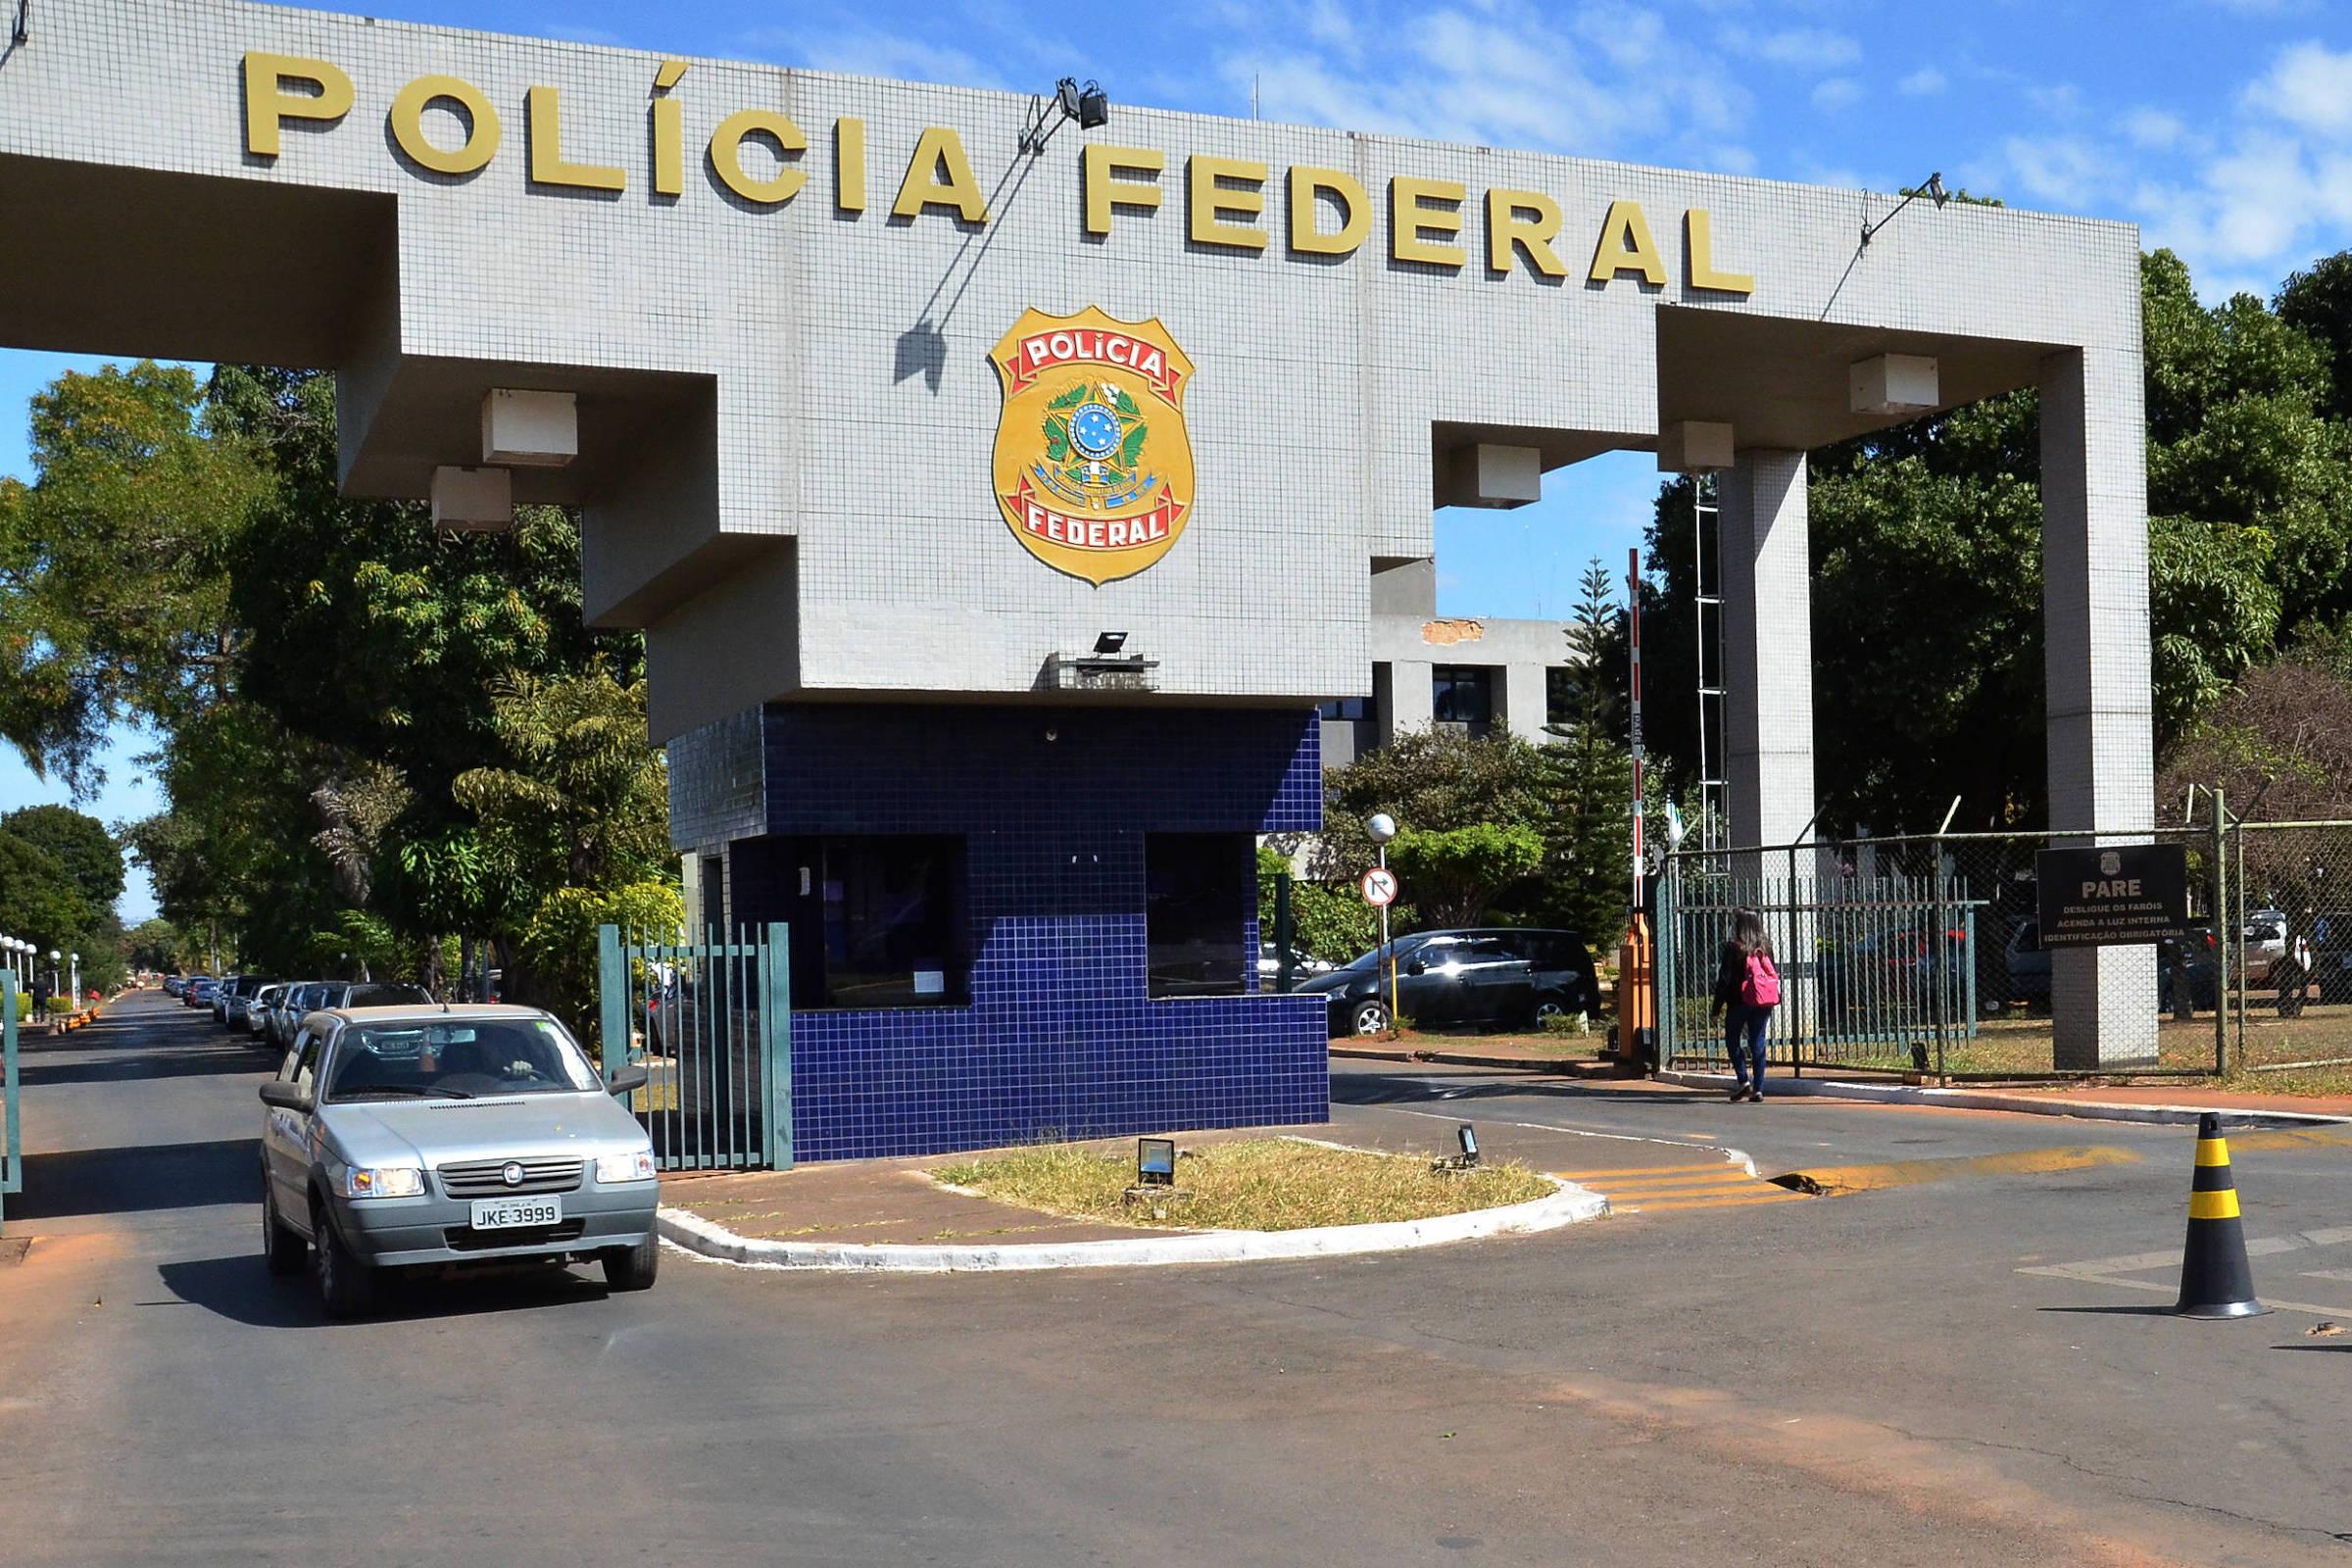 Um sistema de PF que coleta dados criminais de todo o país pode ser aprovado nesta semana e custará cerca de US $ 90 milhões - 27/07/2020. - Painel